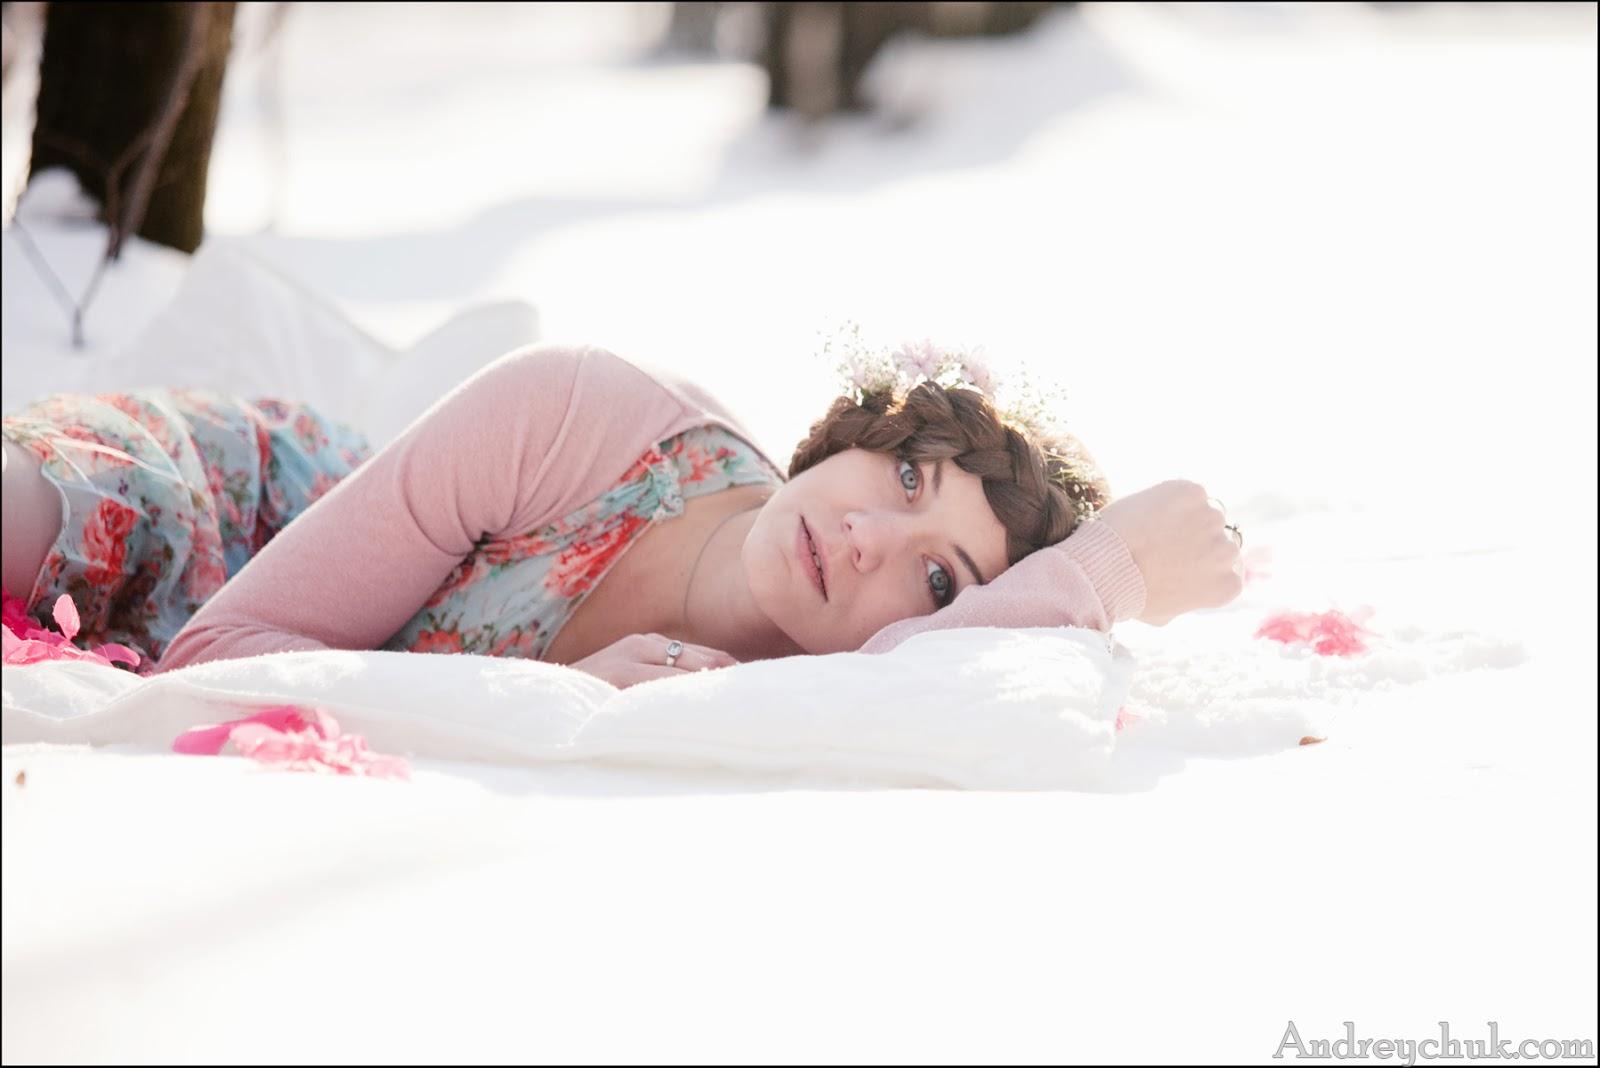 весеннее фото молодой девушки на снегу, лиричное настроение